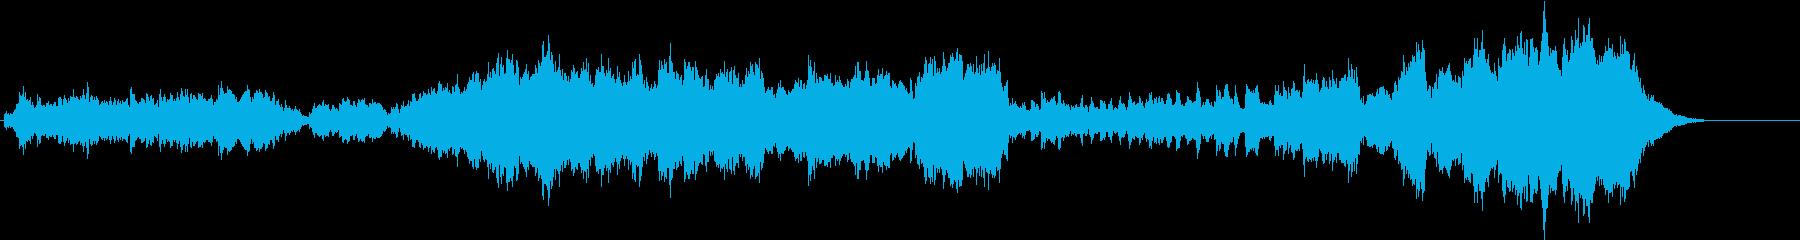 プリンセスをイメージした夢溢れるBGMの再生済みの波形